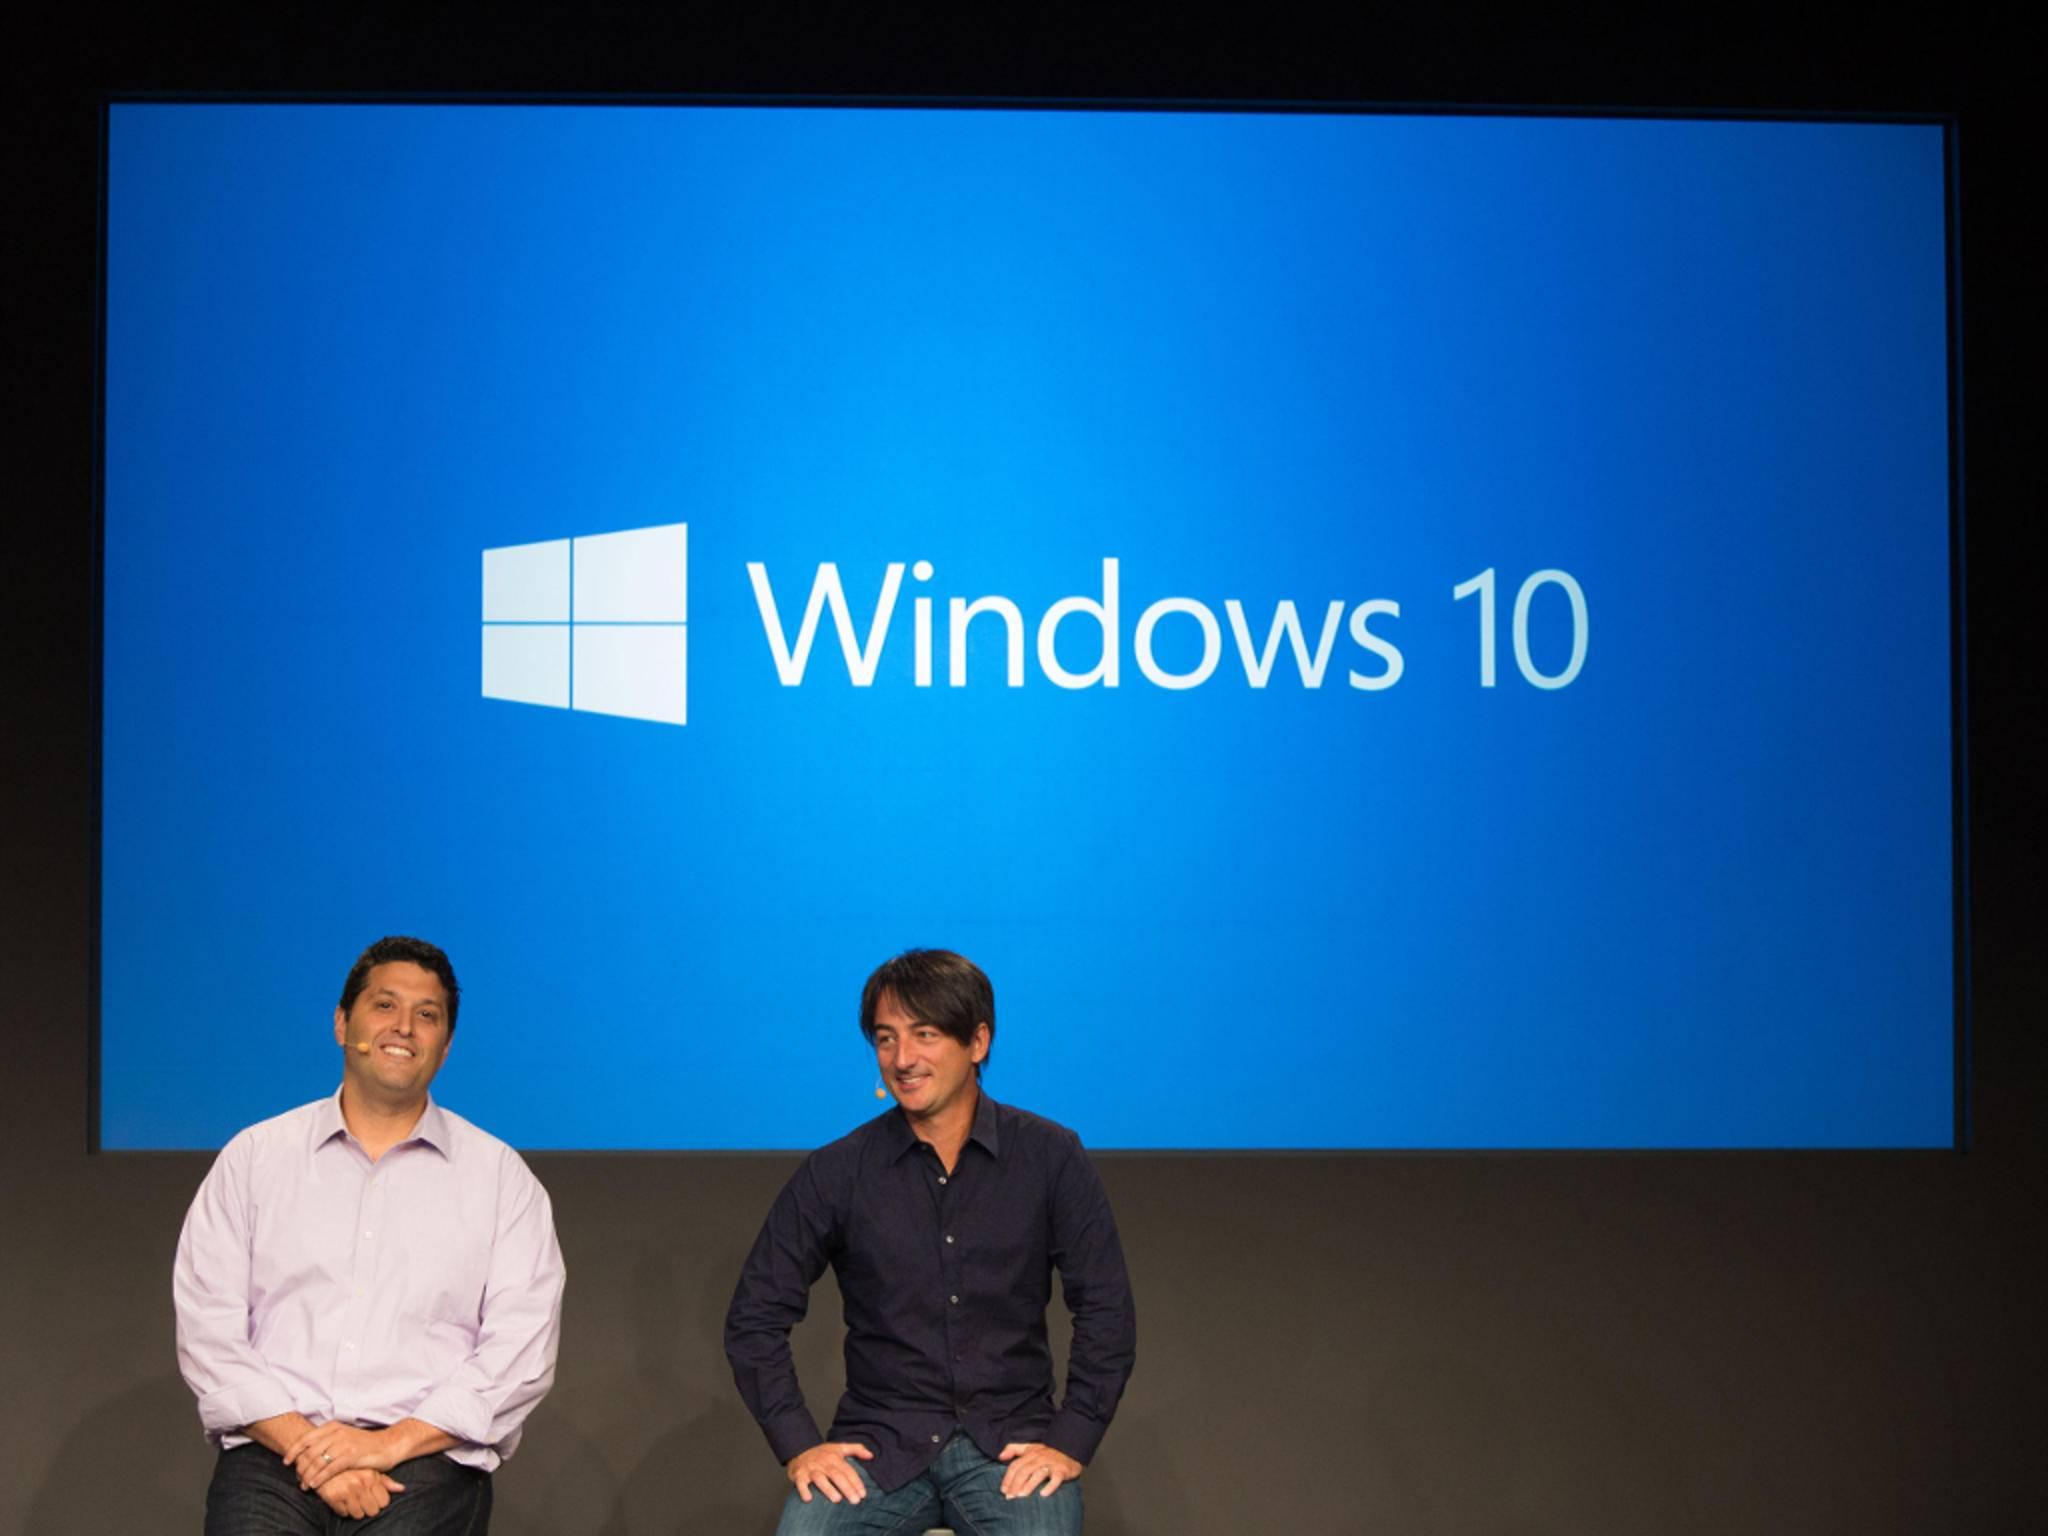 Microsoft bietet Windows 10 für viele Nutzer als kostenloses Upgrade an.